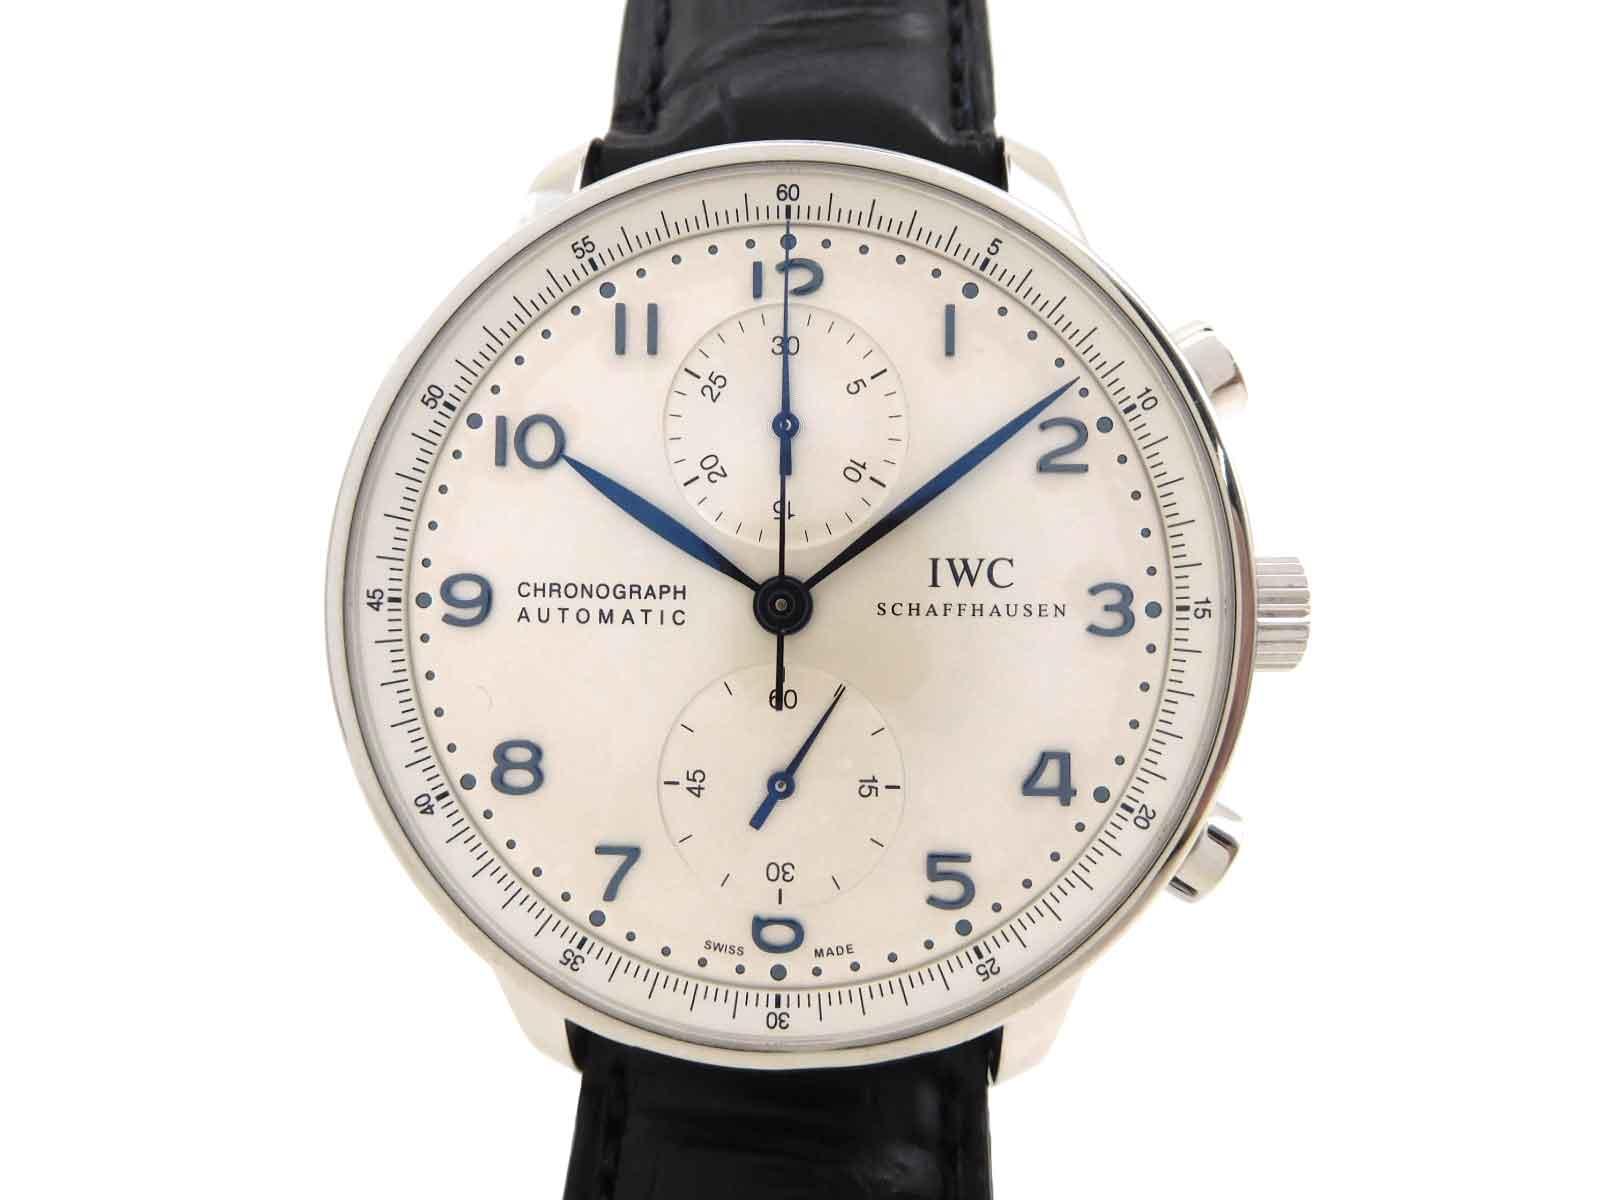 【スーパーセール!】〓楽市本店〓 IWC ポルトギーゼ クロノ IW371446 メンズ AT 白文字盤 腕時計 【時計】